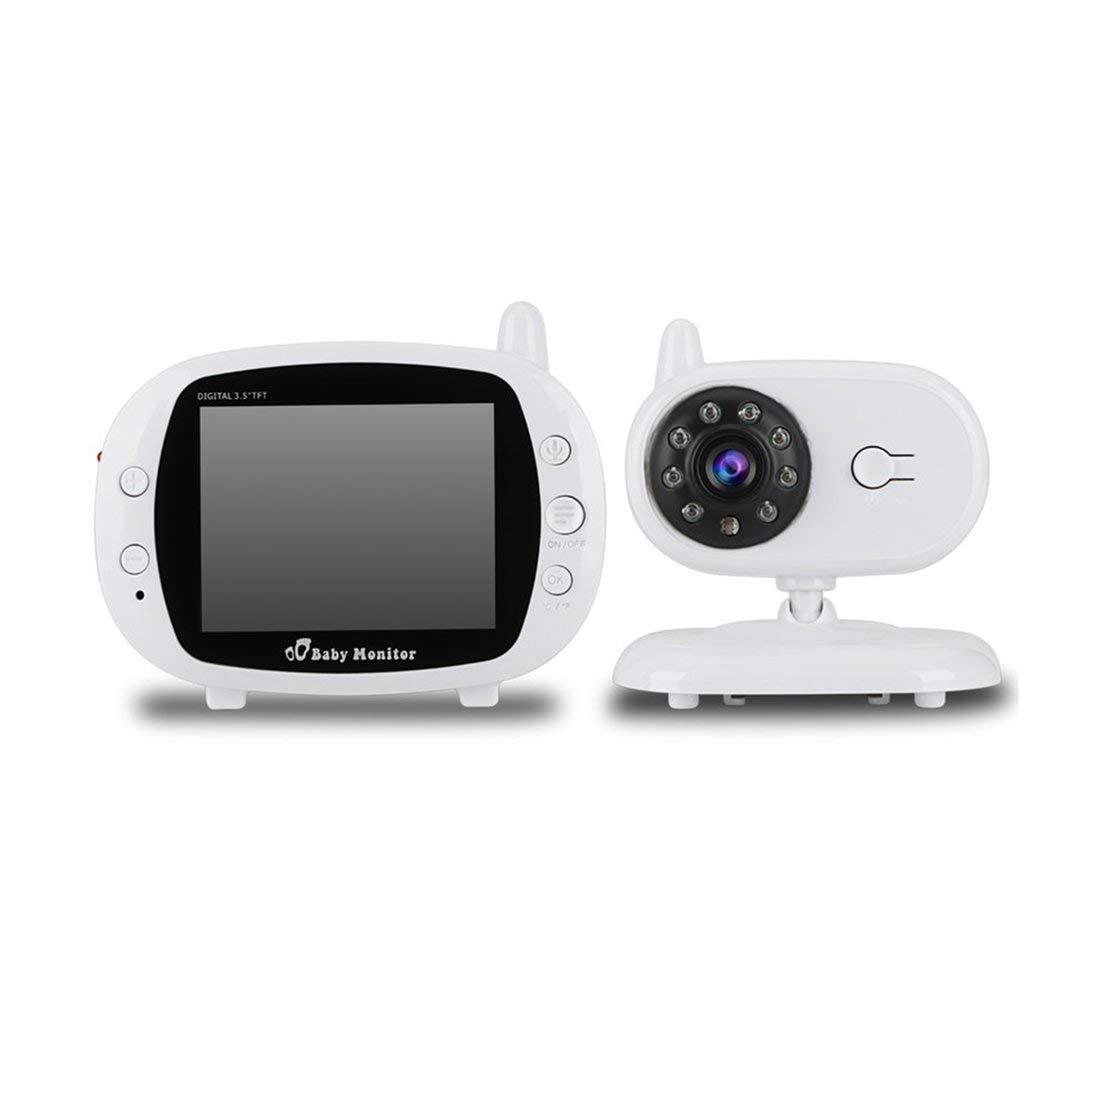 Gwendoll Ecran 3.5 Pouces LCD 2.4G Vidéo numérique sans Fil Contrôle Vocal Vision Nocturne Caméra de sécurité Visionneuse 2-Voies Talk Baby Monitor